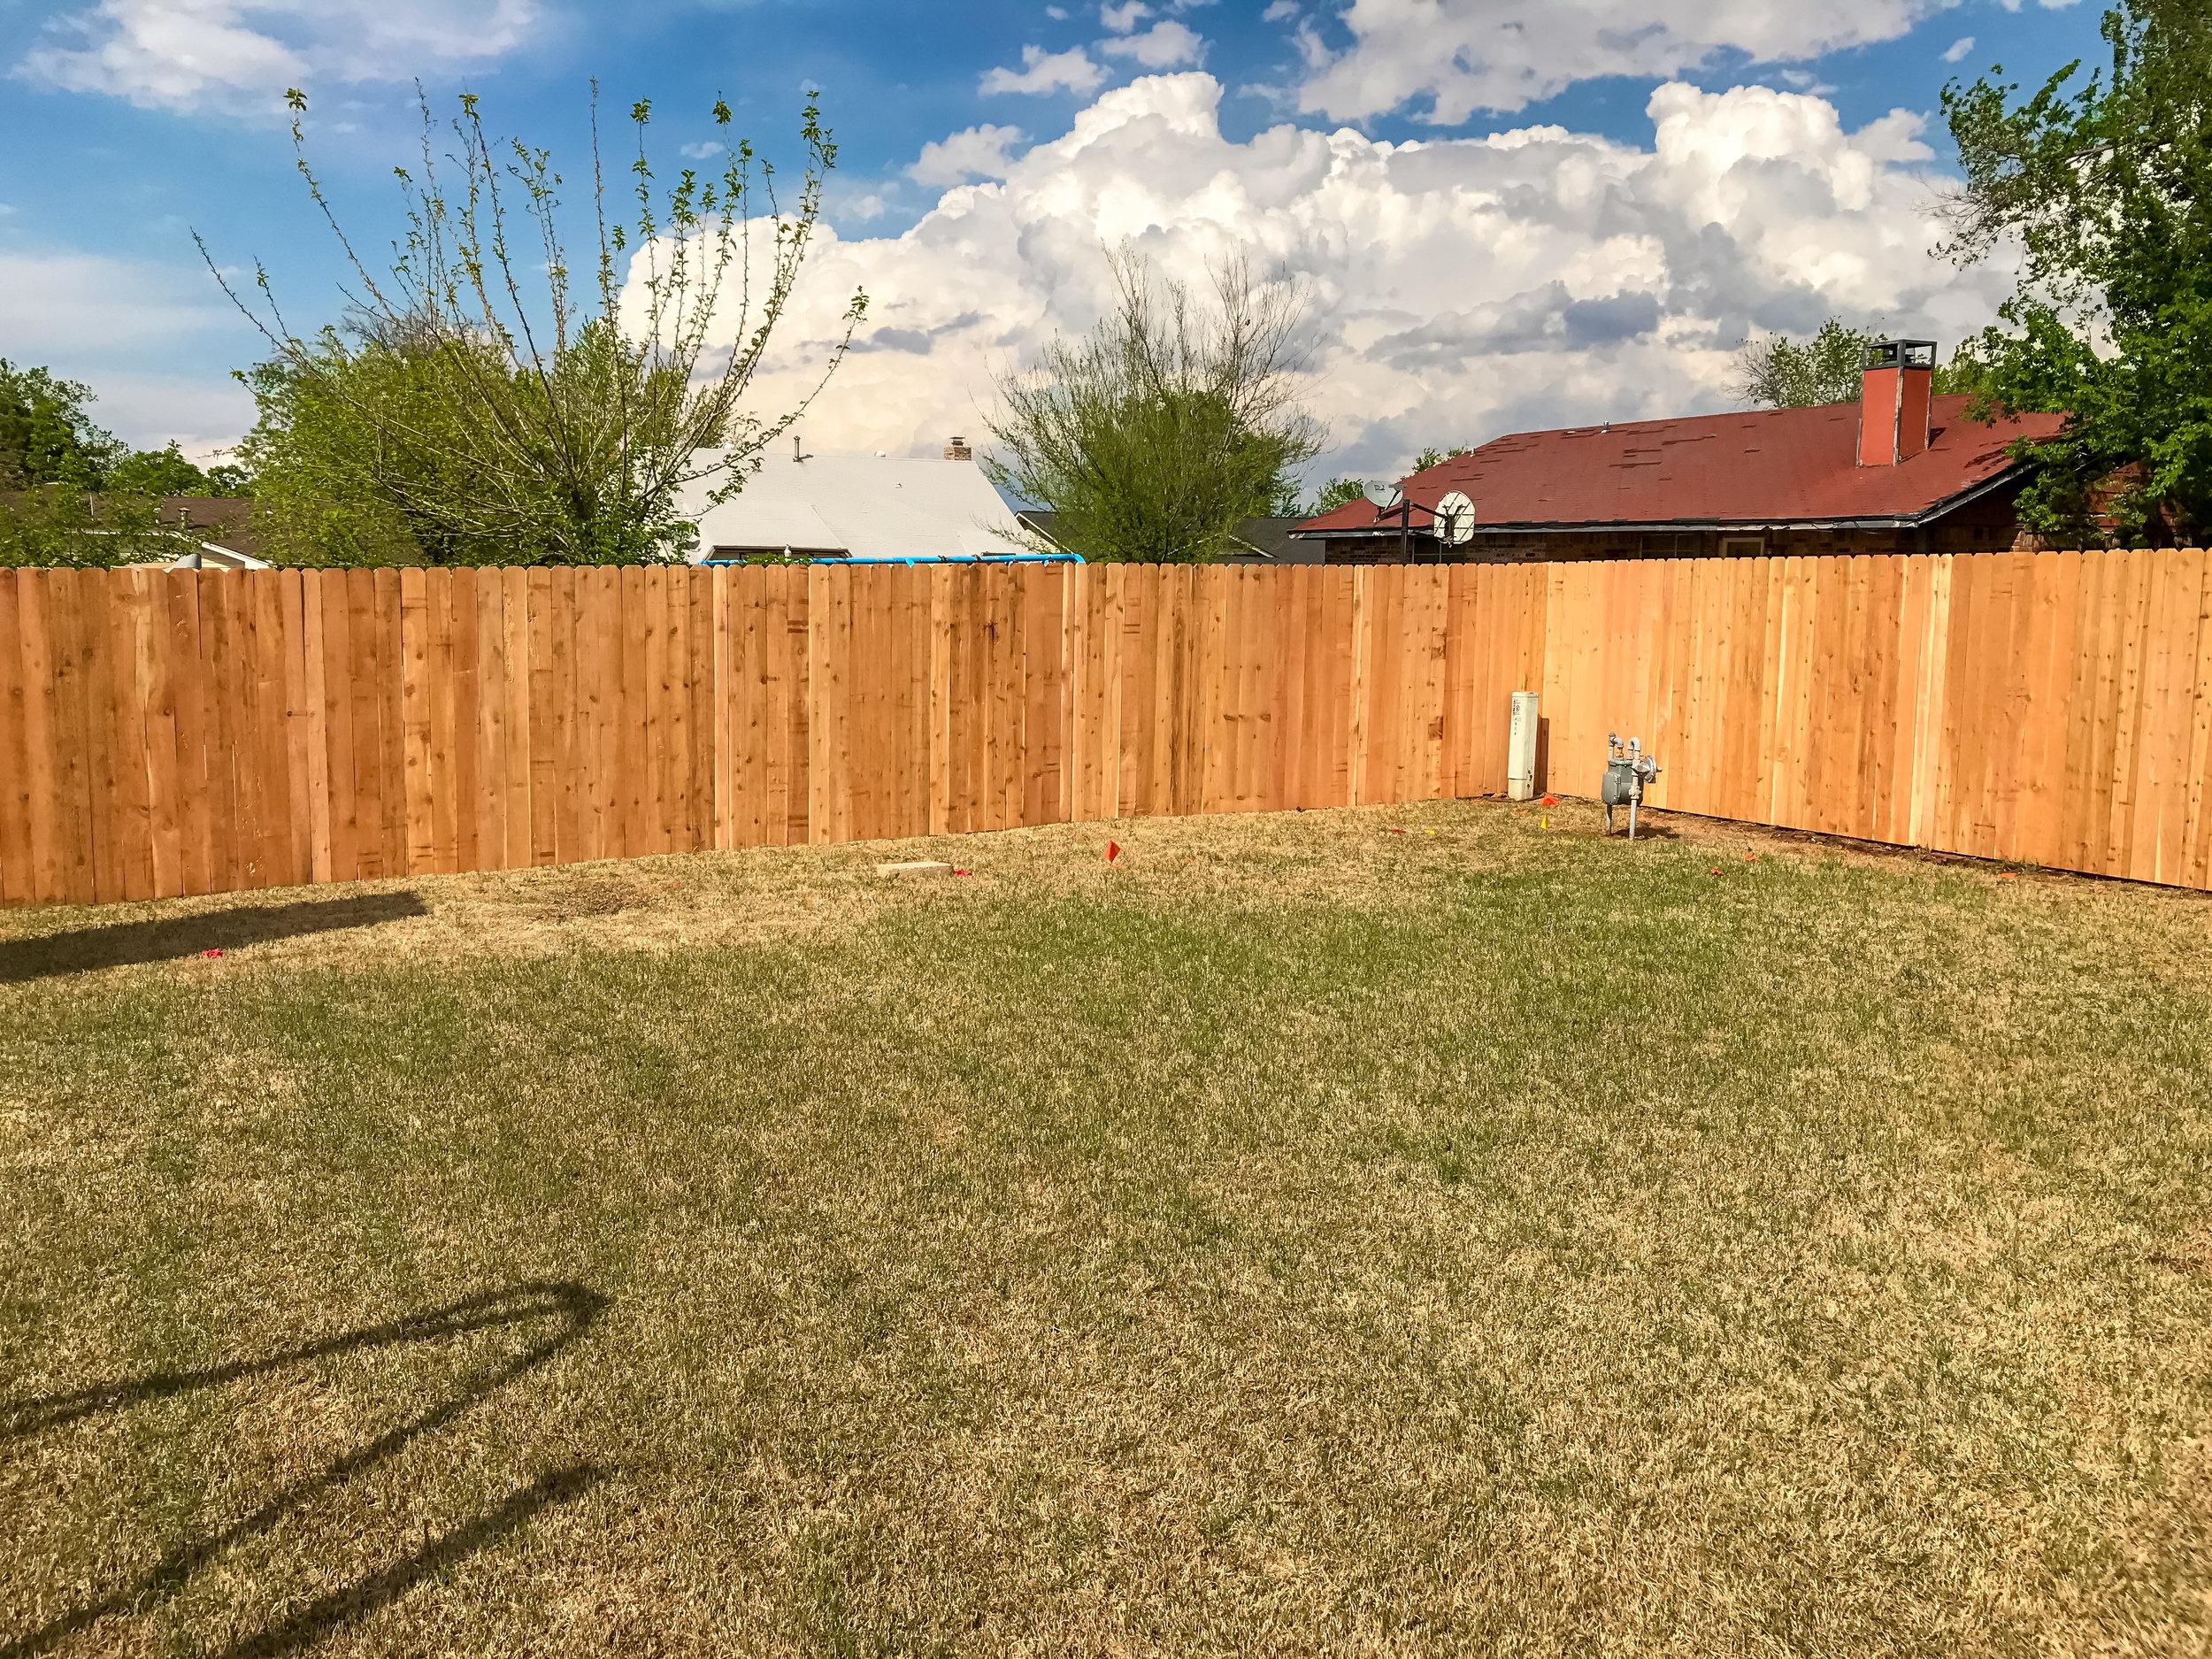 cedar-fence-privacy-redriverfence.jpg